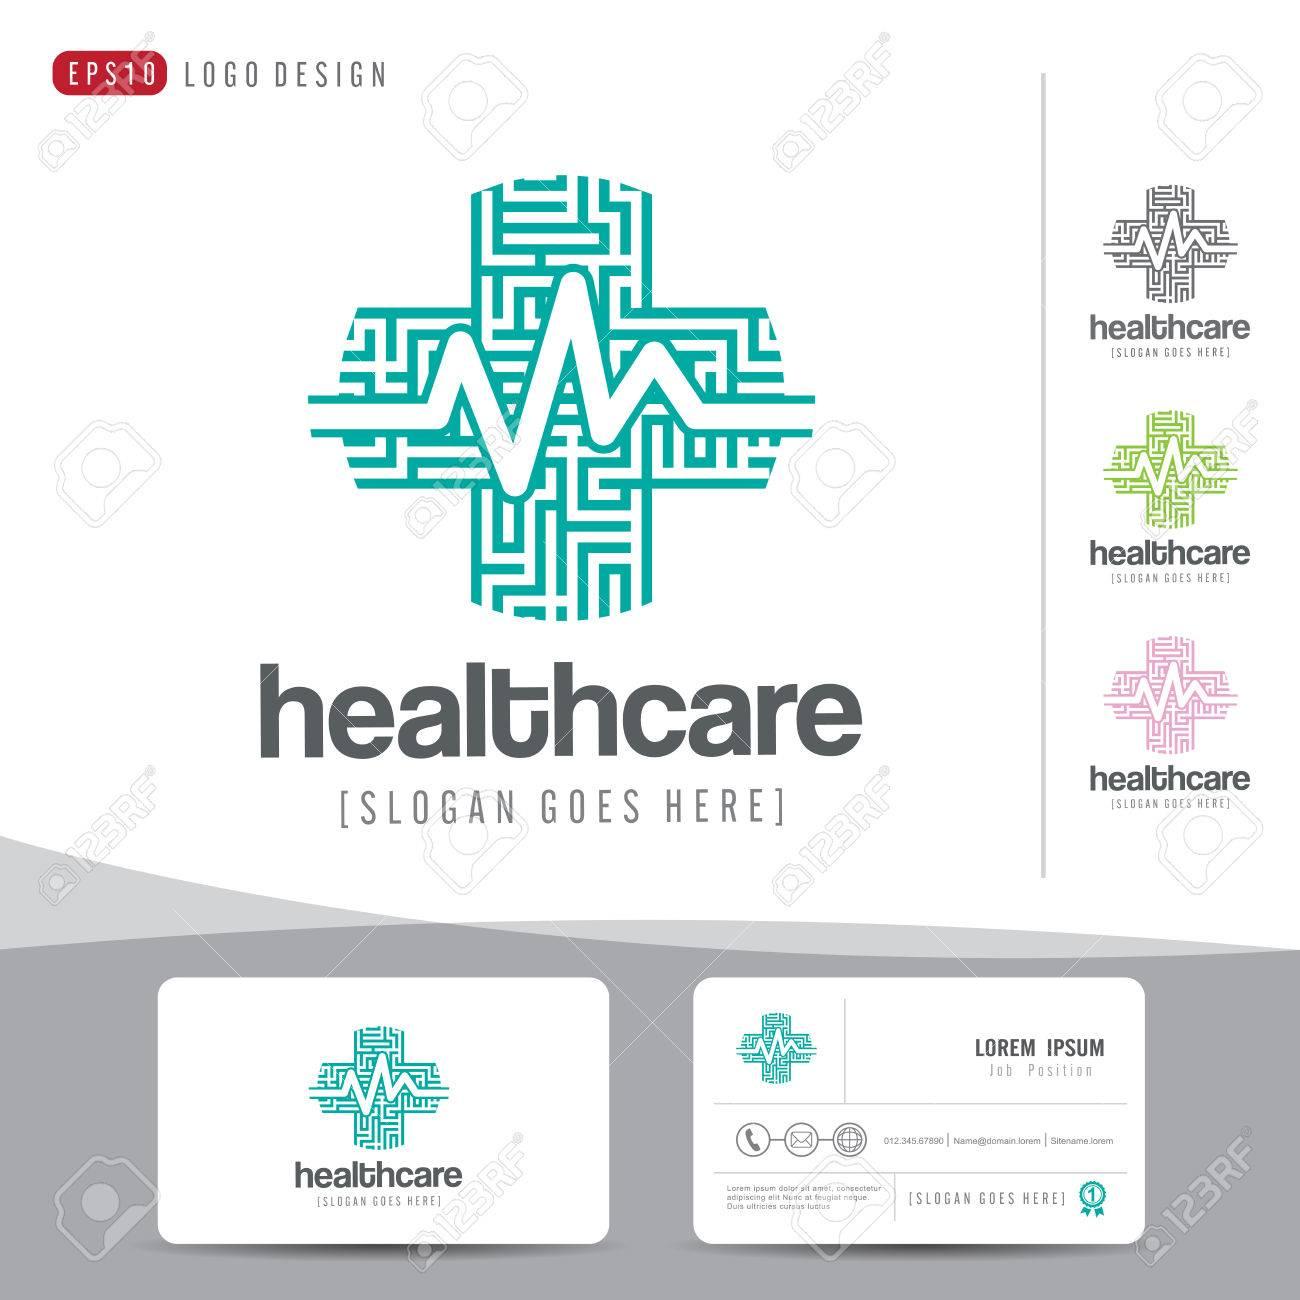 Hospital business card kubreforic hospital business card colourmoves